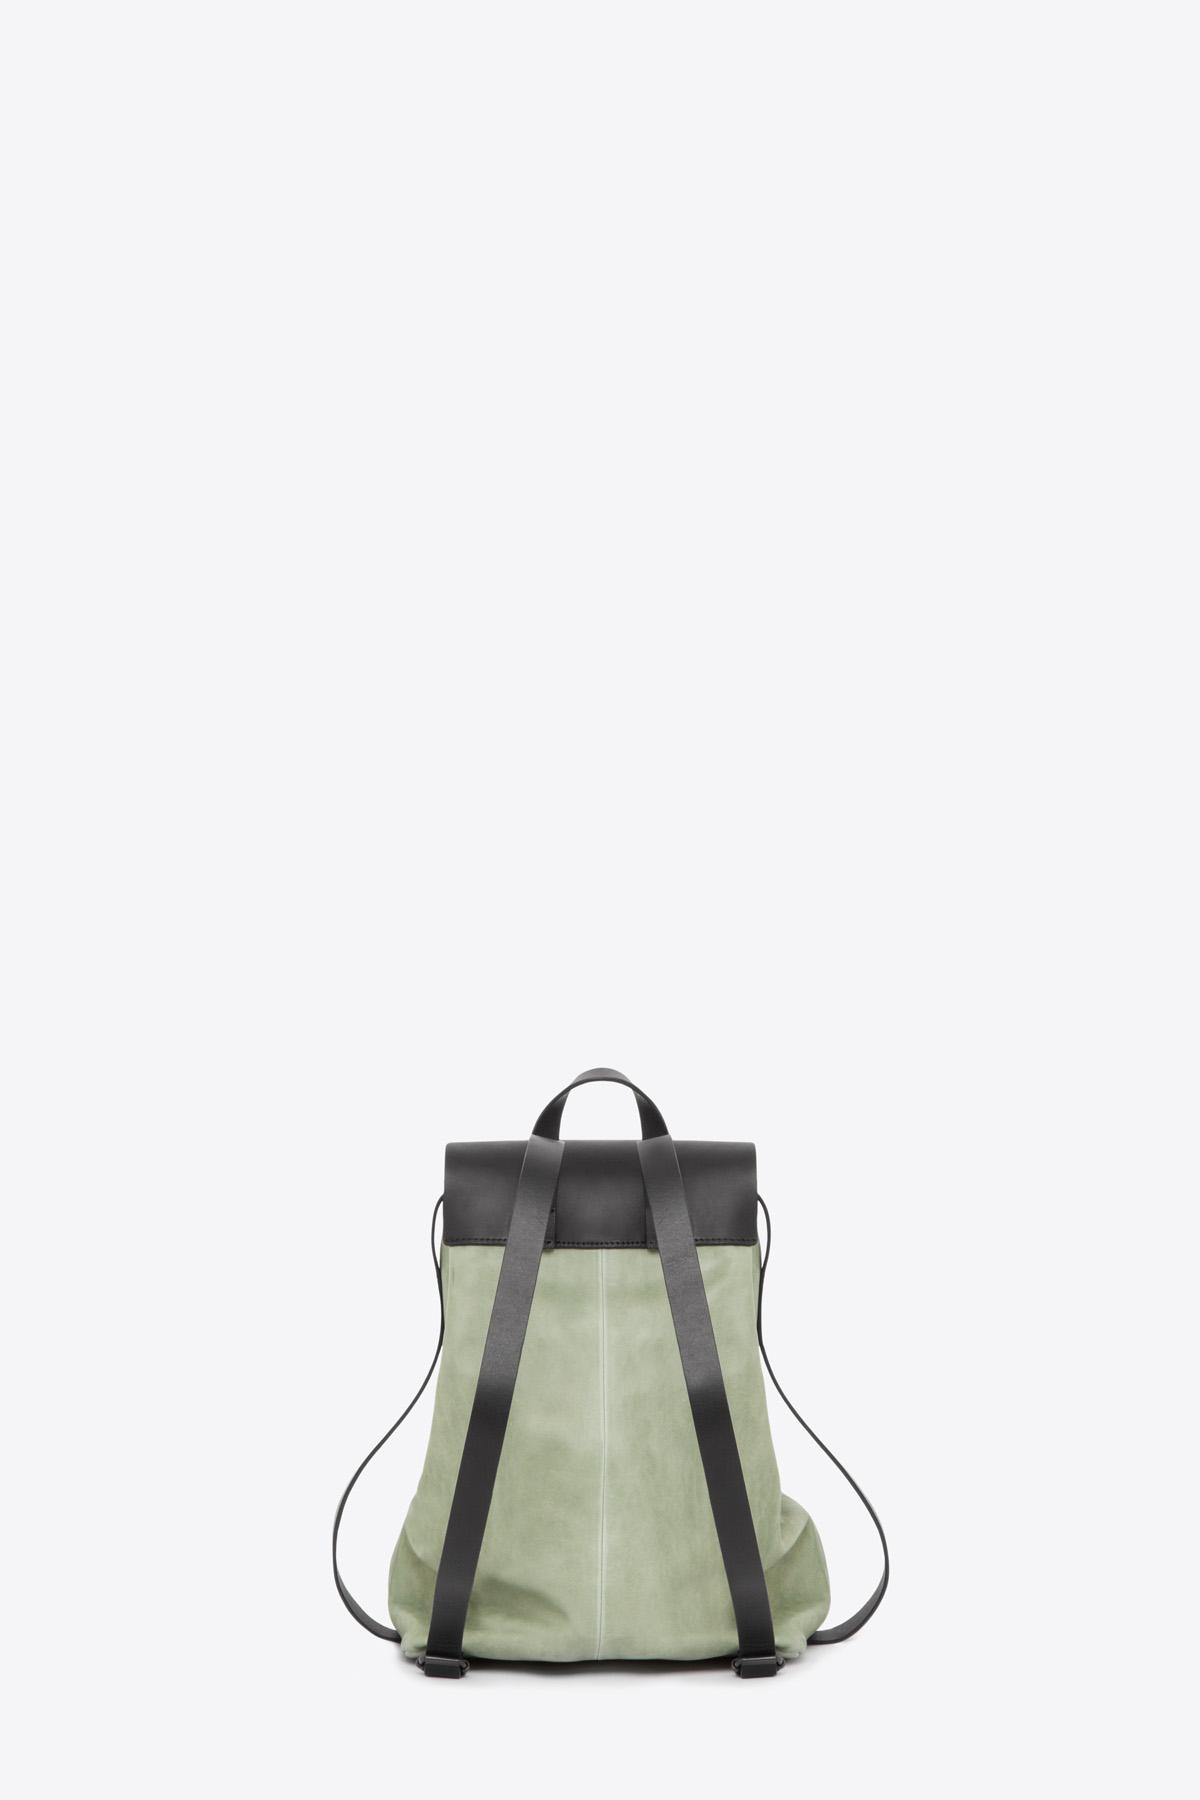 dclr009-b-backpack-a9-jadegreen-back